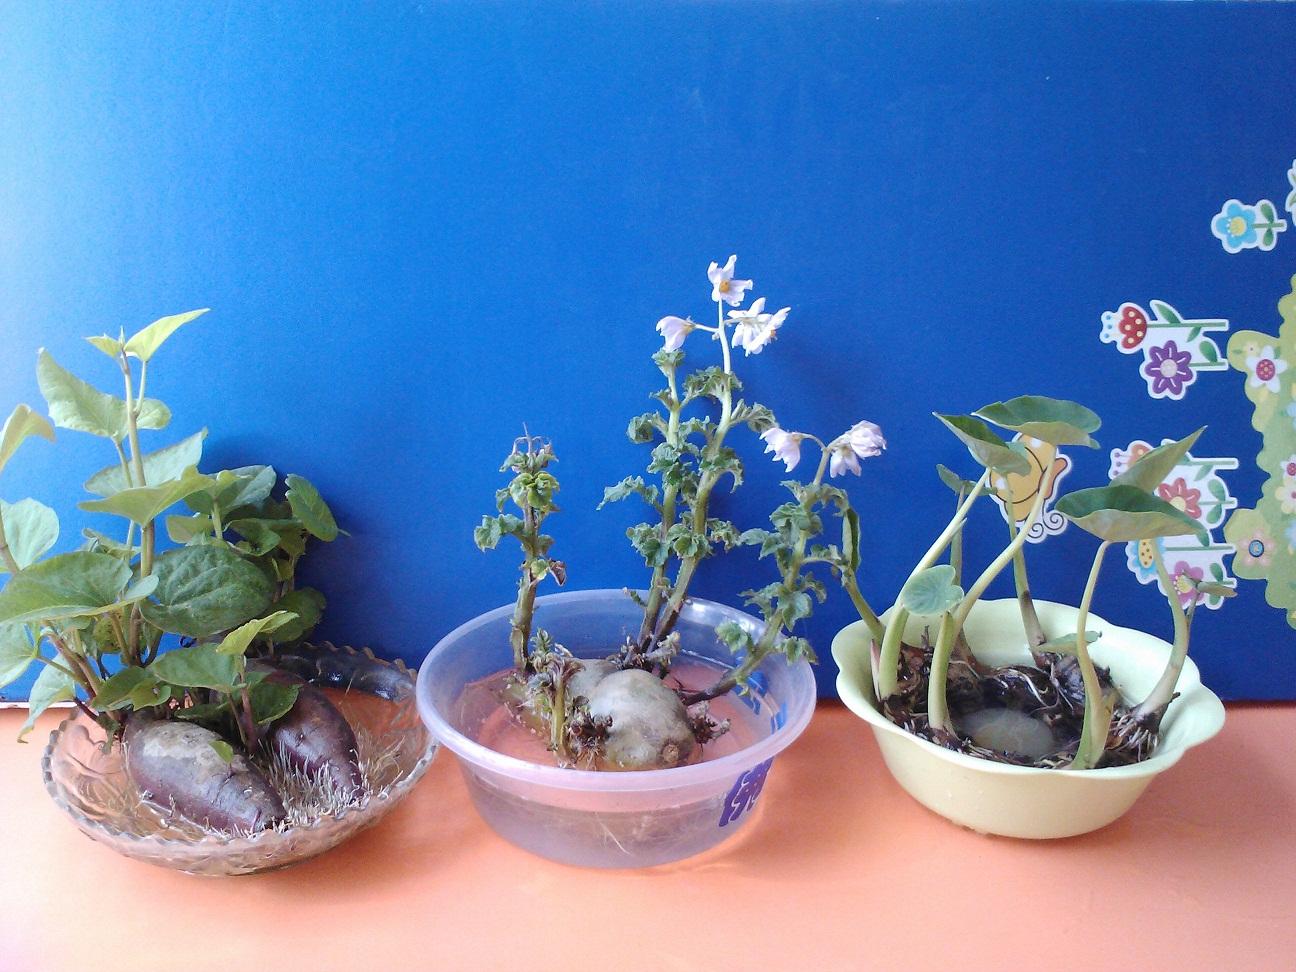 园所主页 班级主页 实验东园大四班 班级相册  自然角的植物发芽了